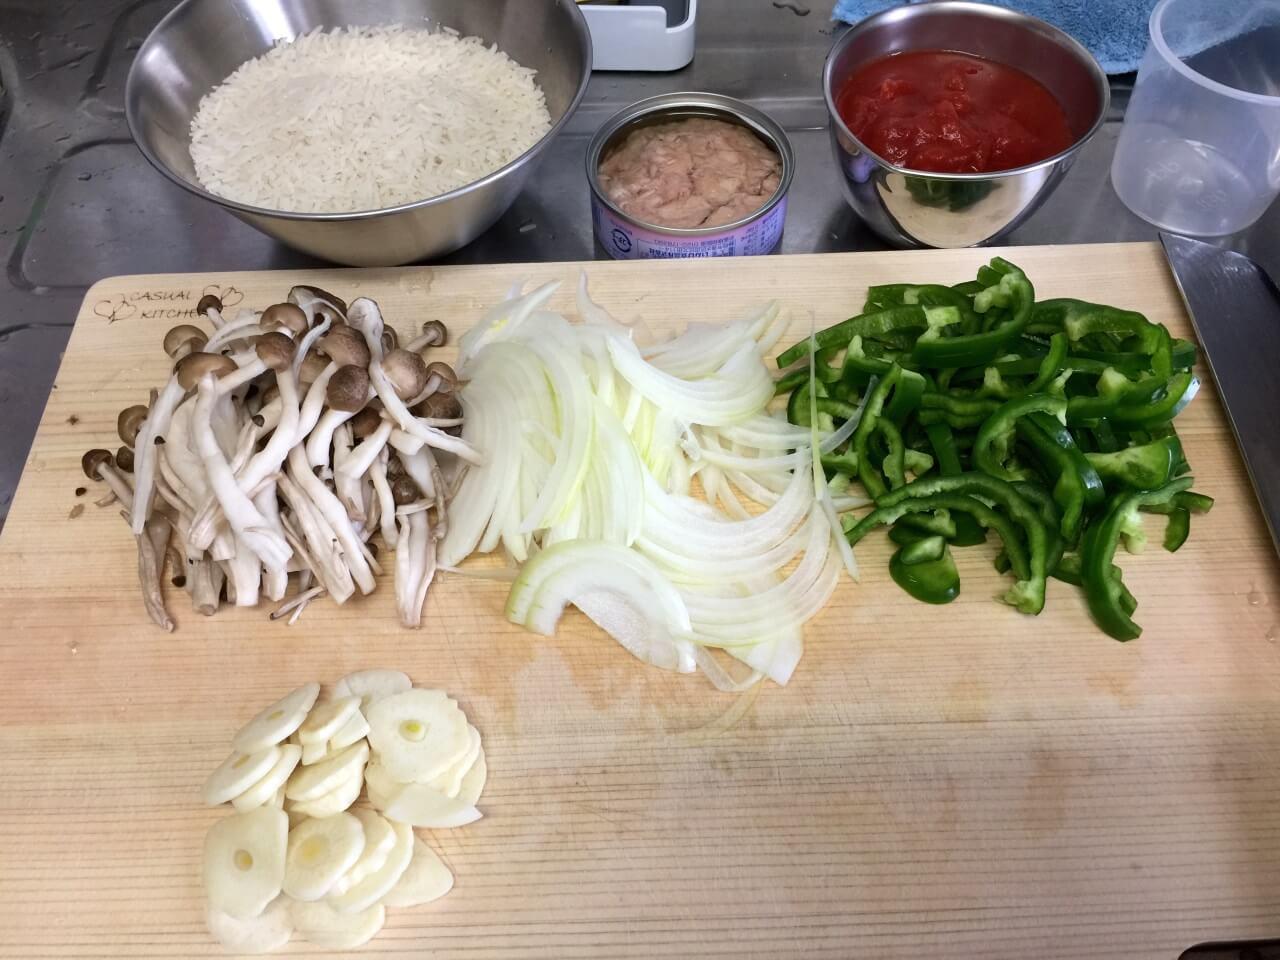 1.野菜を適当に切る。薄切り。キノコは小分けにする。ニンニクはスライス。コメは研がない(これ大事!)